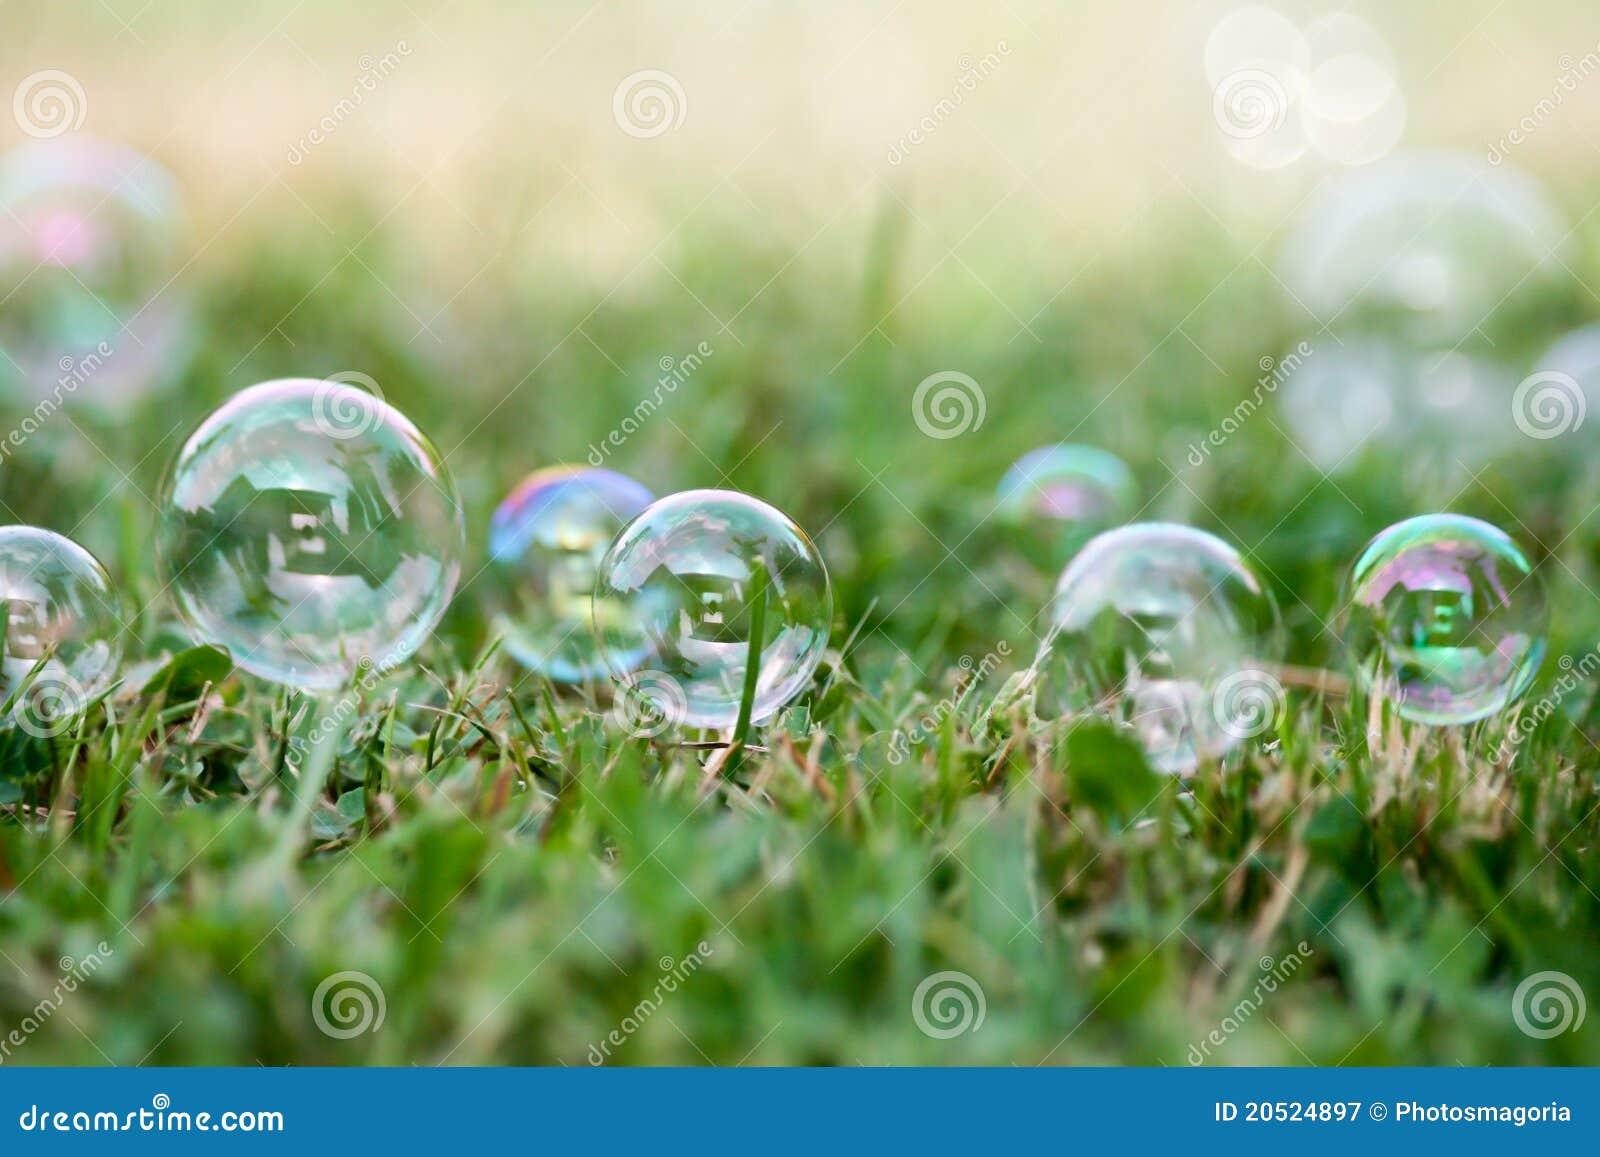 Jabón-burbujas